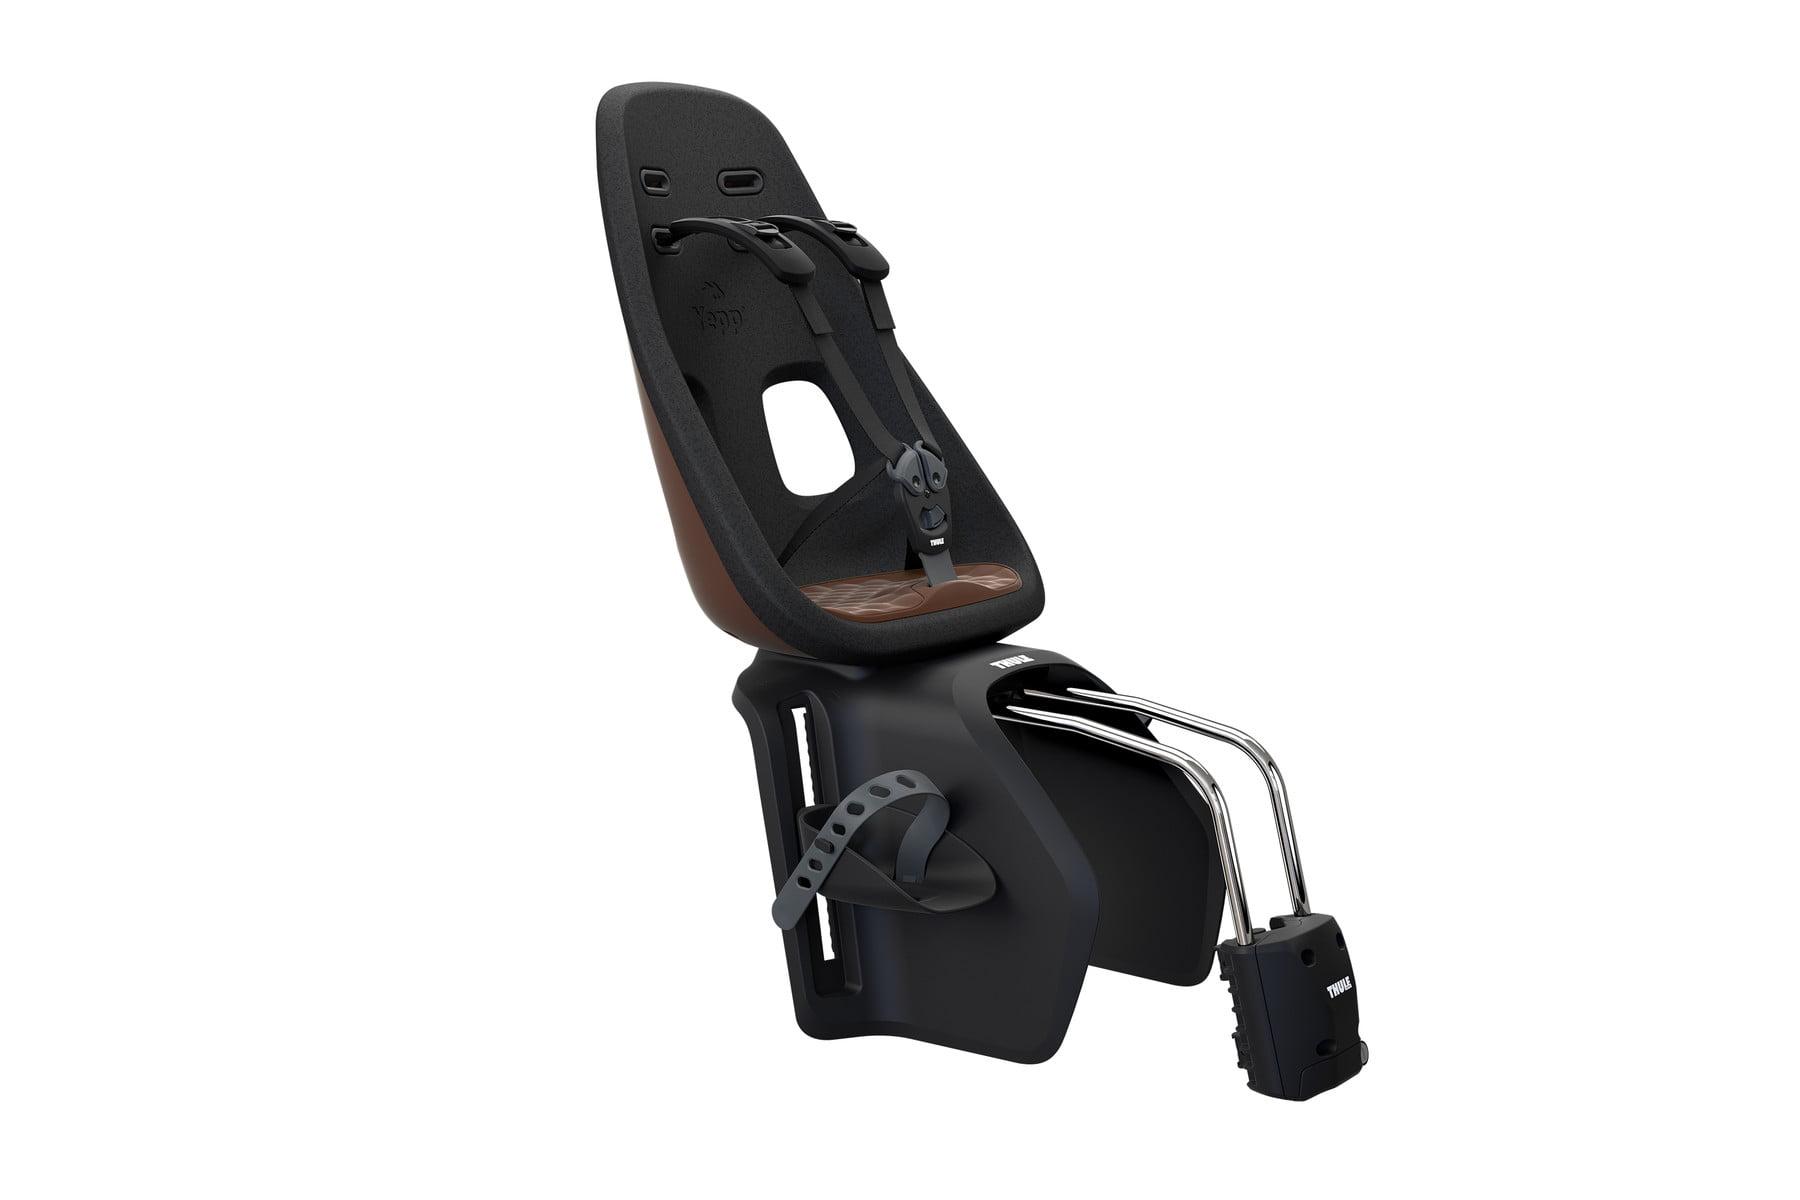 Scaun pentru copii cu montare pe cadrul bicicletei Thule Yepp Nexxt Maxi Chocolate Brown 1